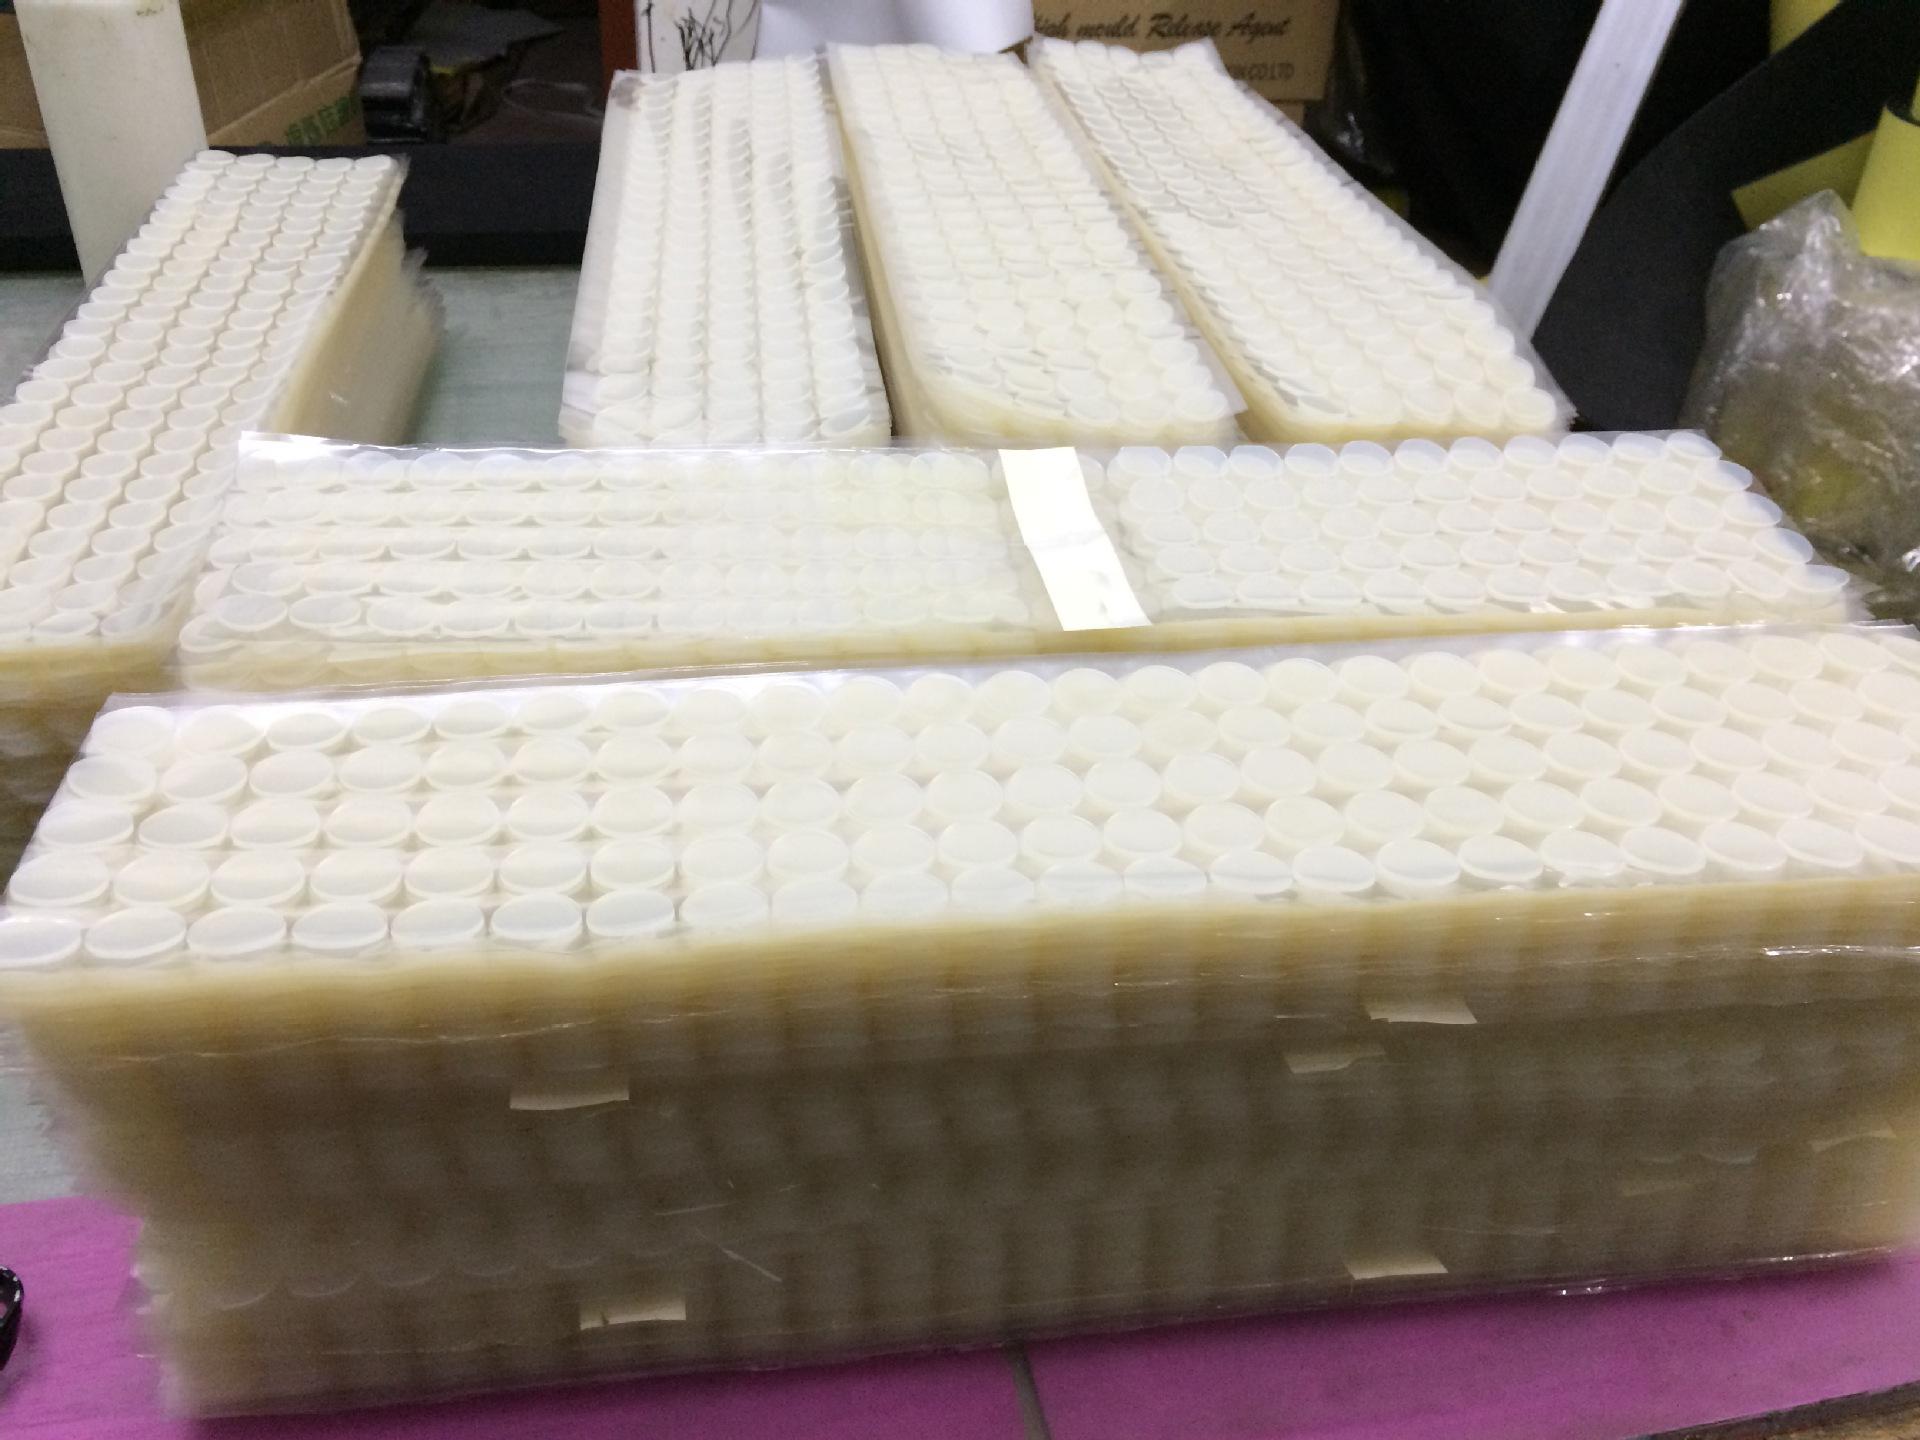 热销透明硅胶脚垫 硅胶垫片防滑防震硅胶橡胶垫3M背胶硅胶脚垫定制